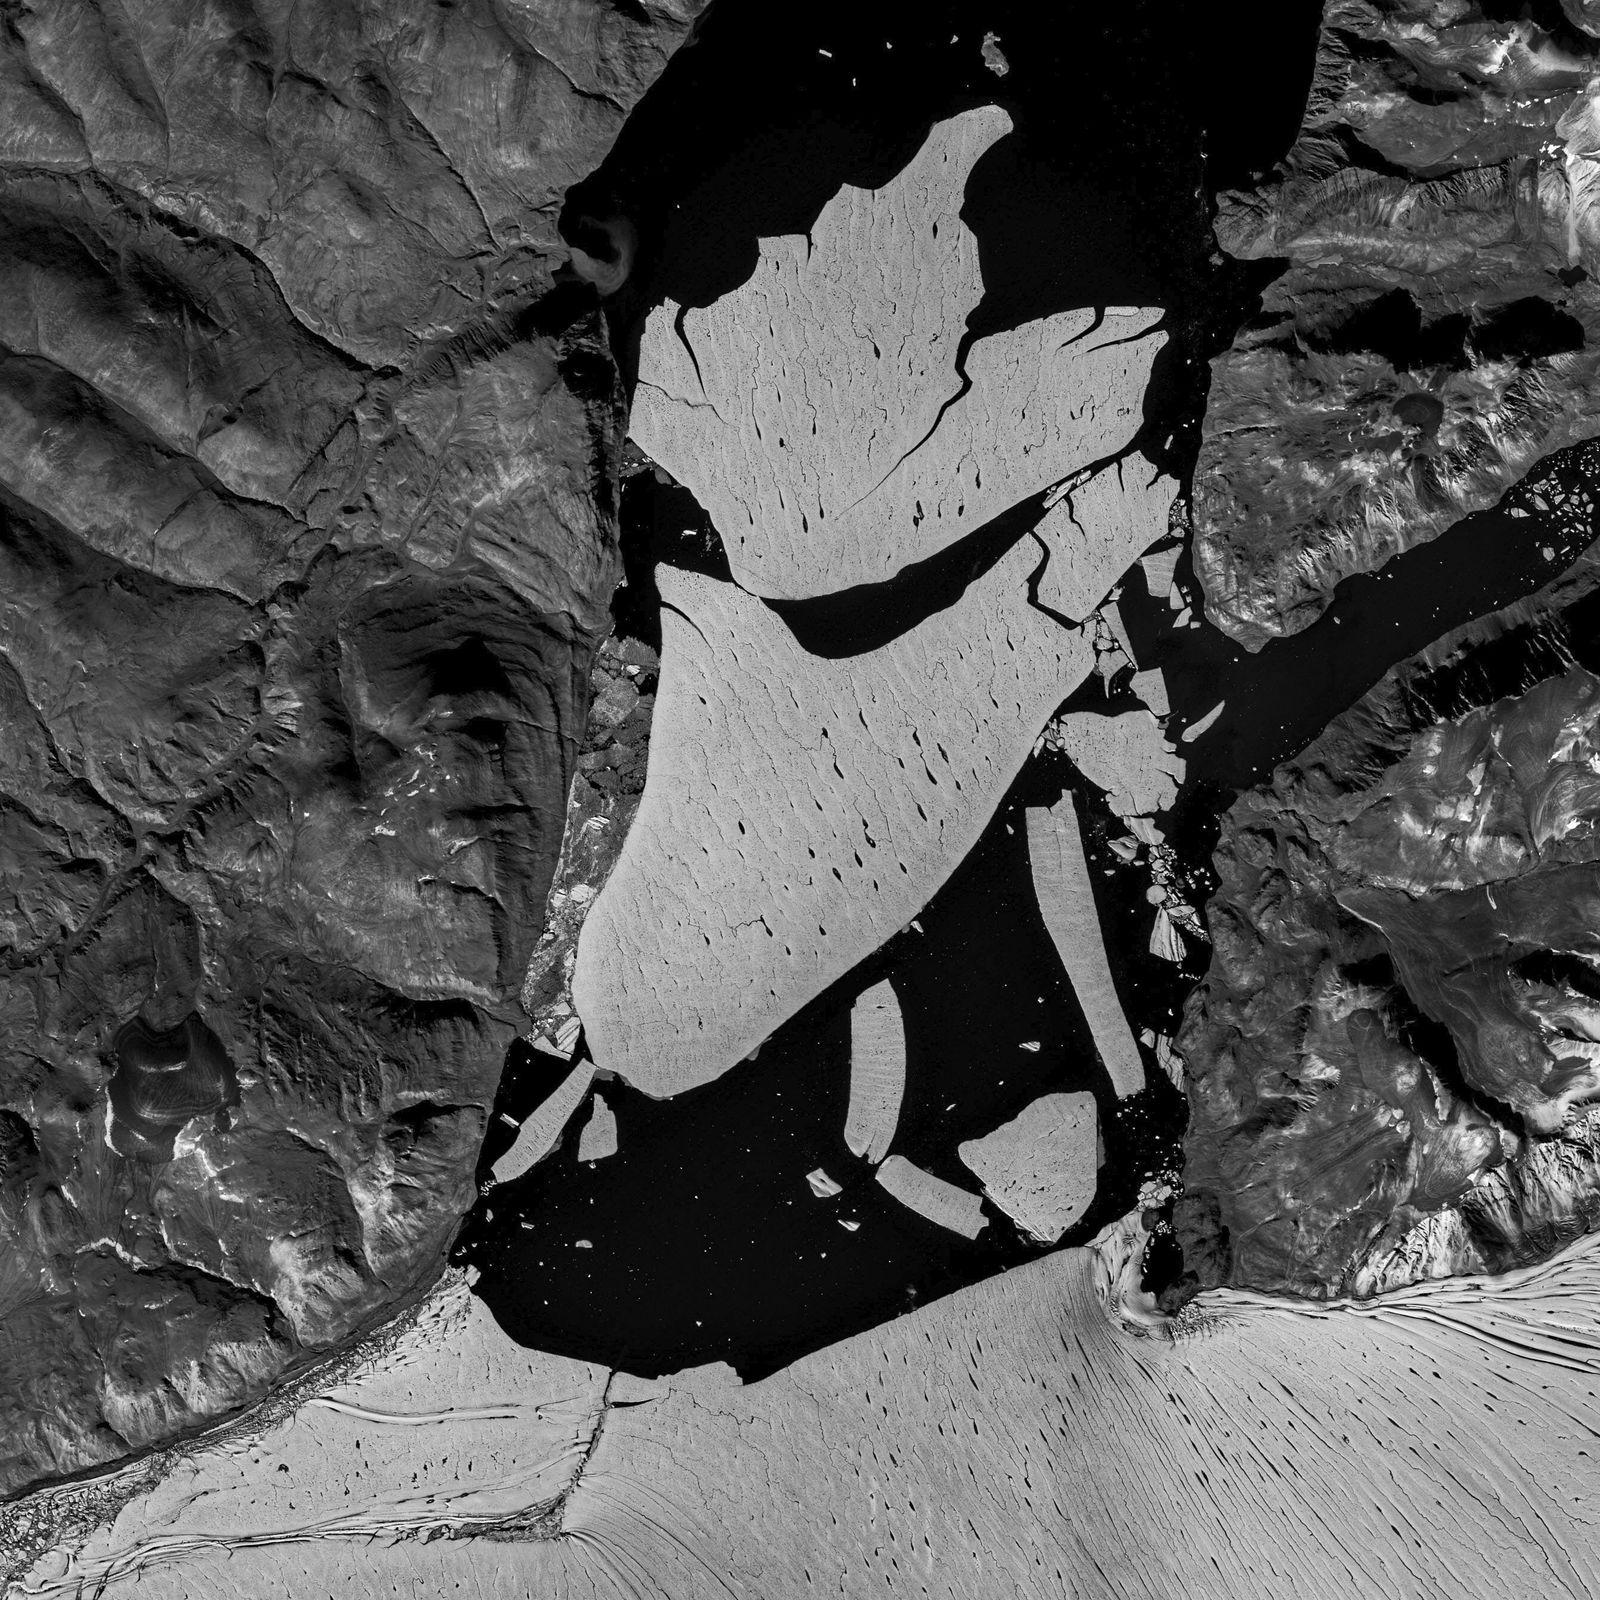 Großes Stück der Eisdecke von Grönland abgebrochen